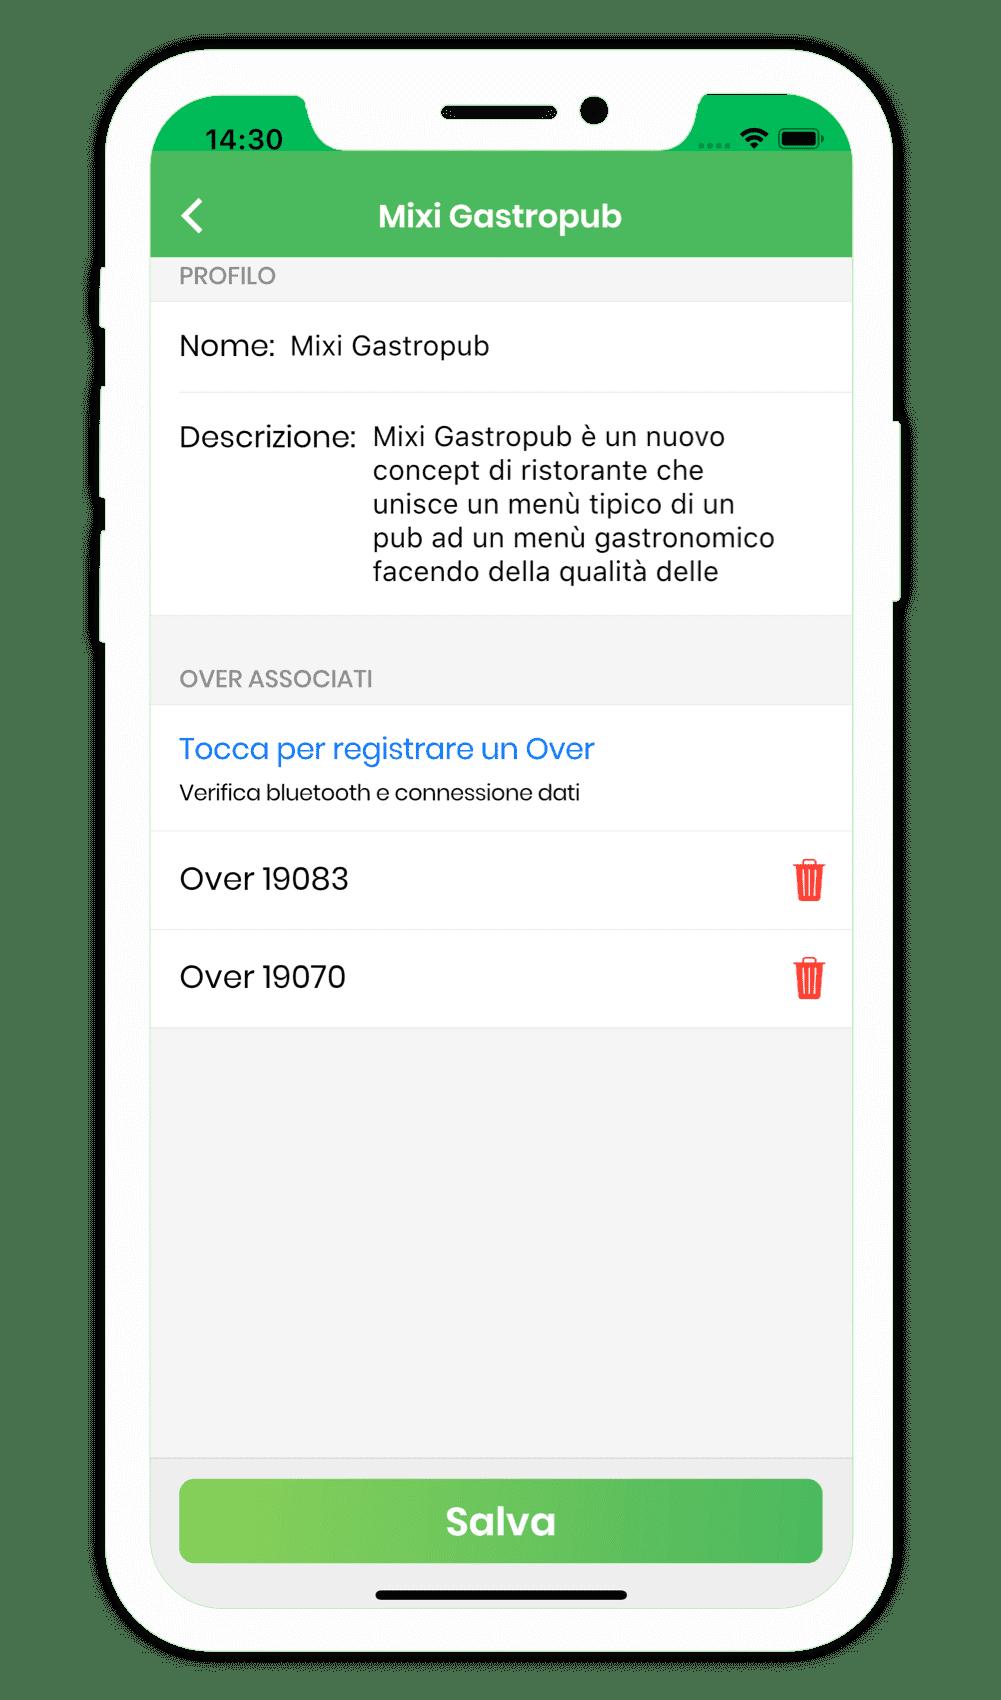 Configurazione profilo